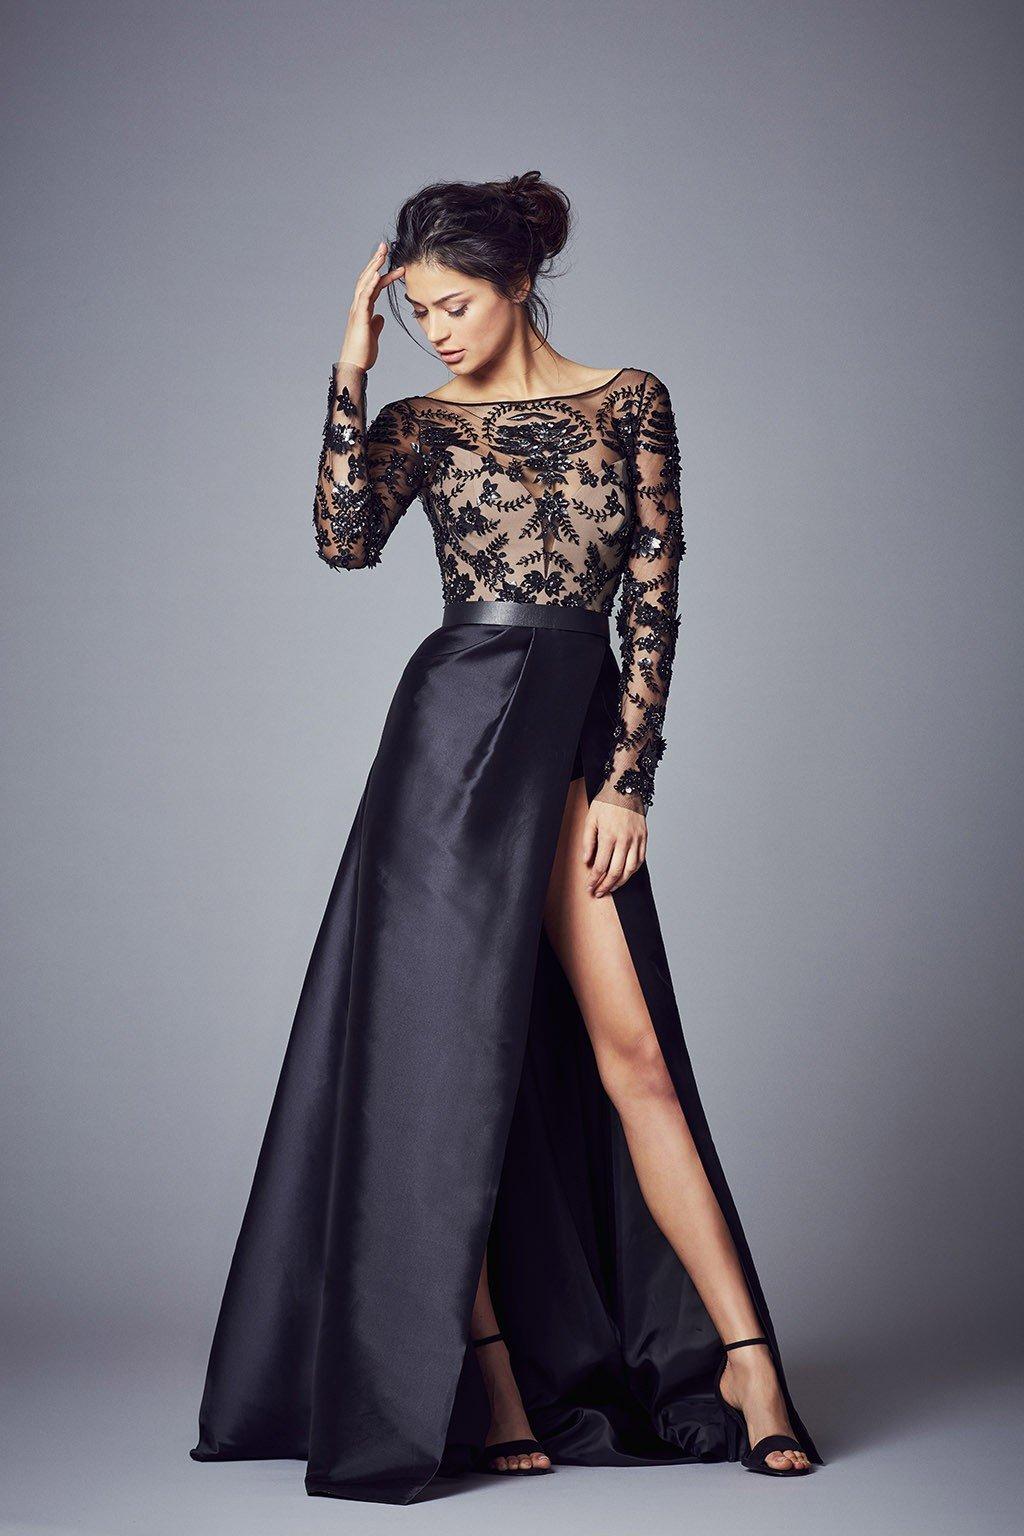 вечерние платья 2018 2019: черное верх ажурный рукав длинный